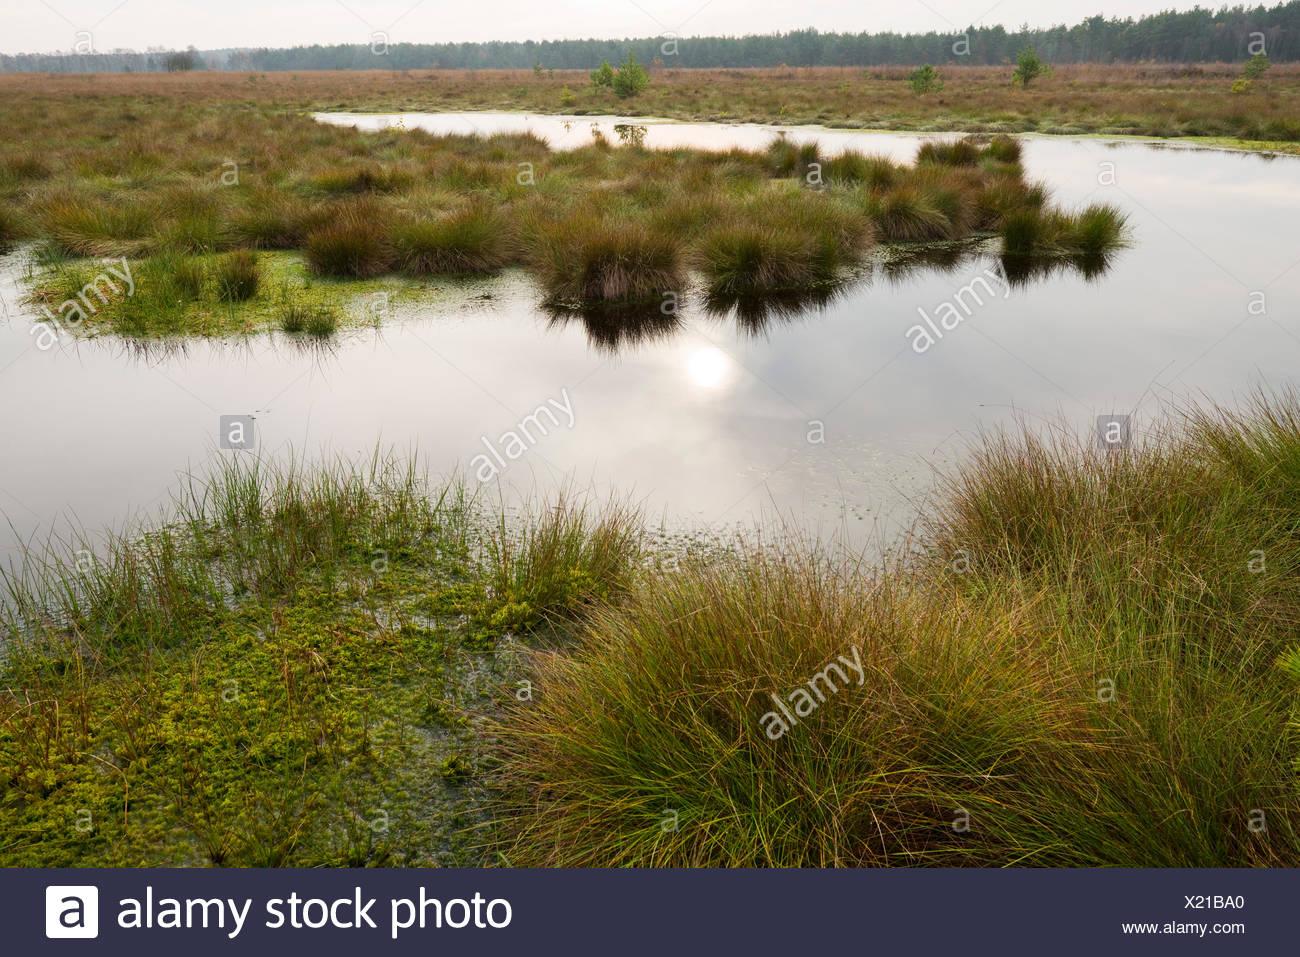 Moorlands, Schweimker Moor Nature Reserve, Lower Saxony, Germany - Stock Image